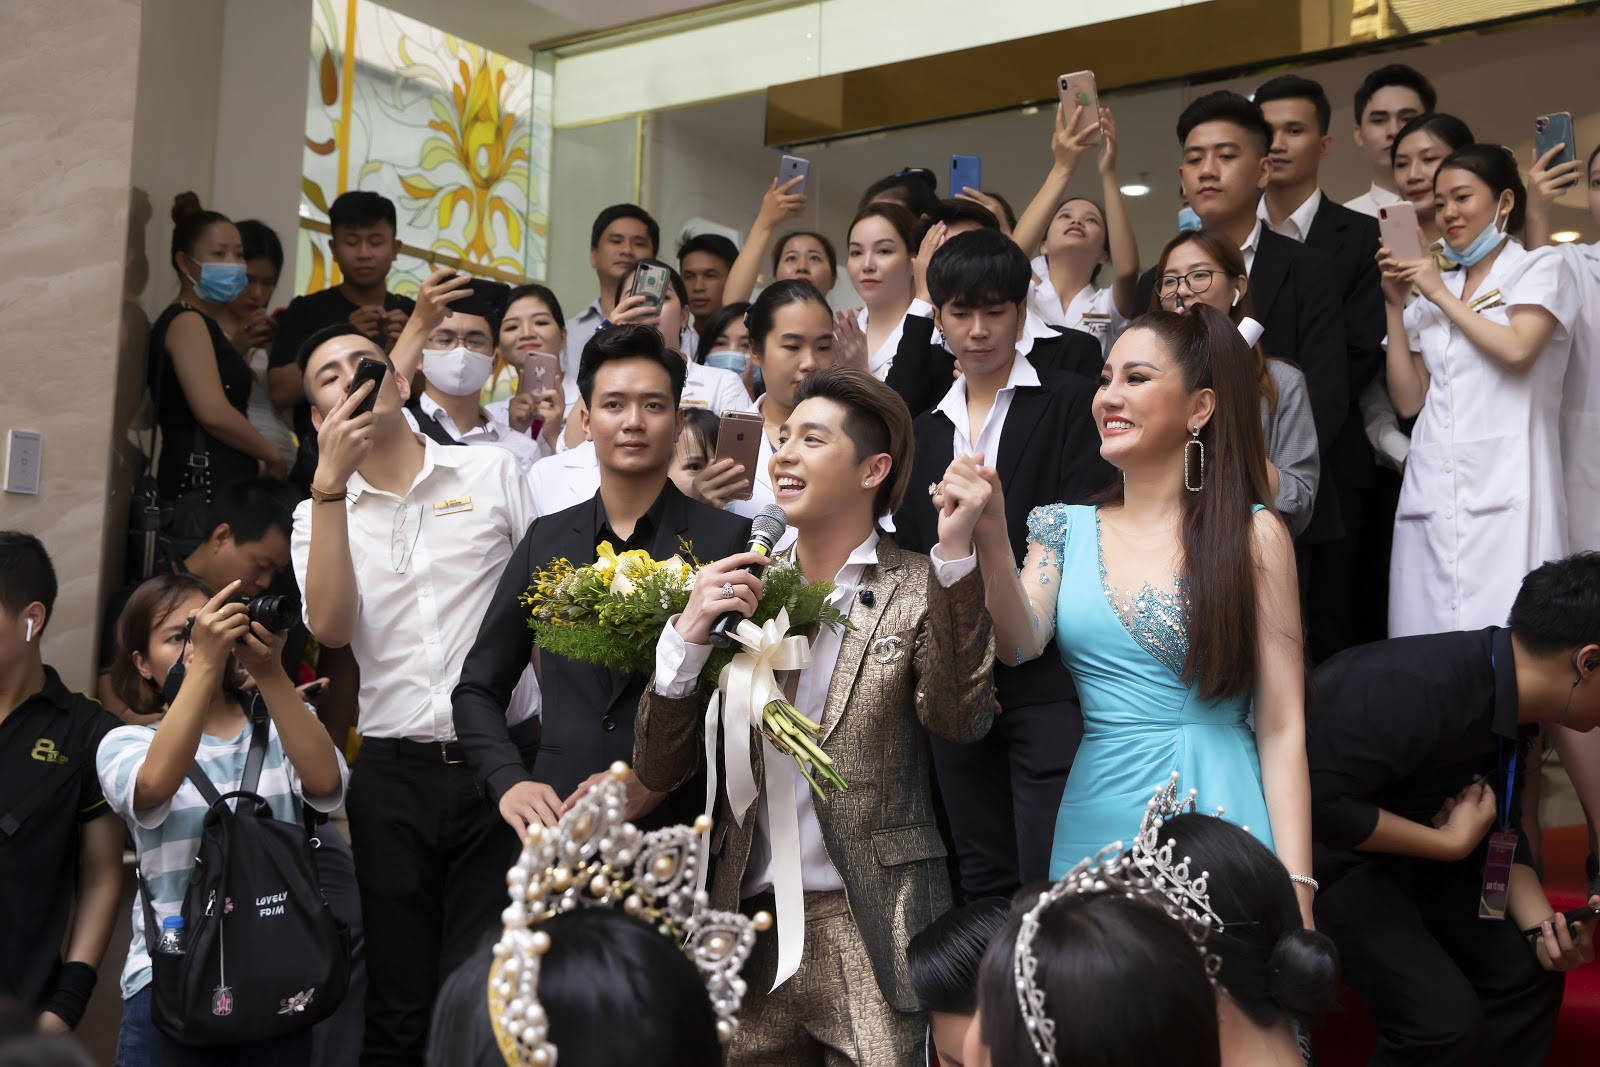 Bệnh viện thẩm mỹ Xuân Hương tặng quà khủng trong ngày khai trương tại TP Hồ Chí Minh - Ảnh 4.